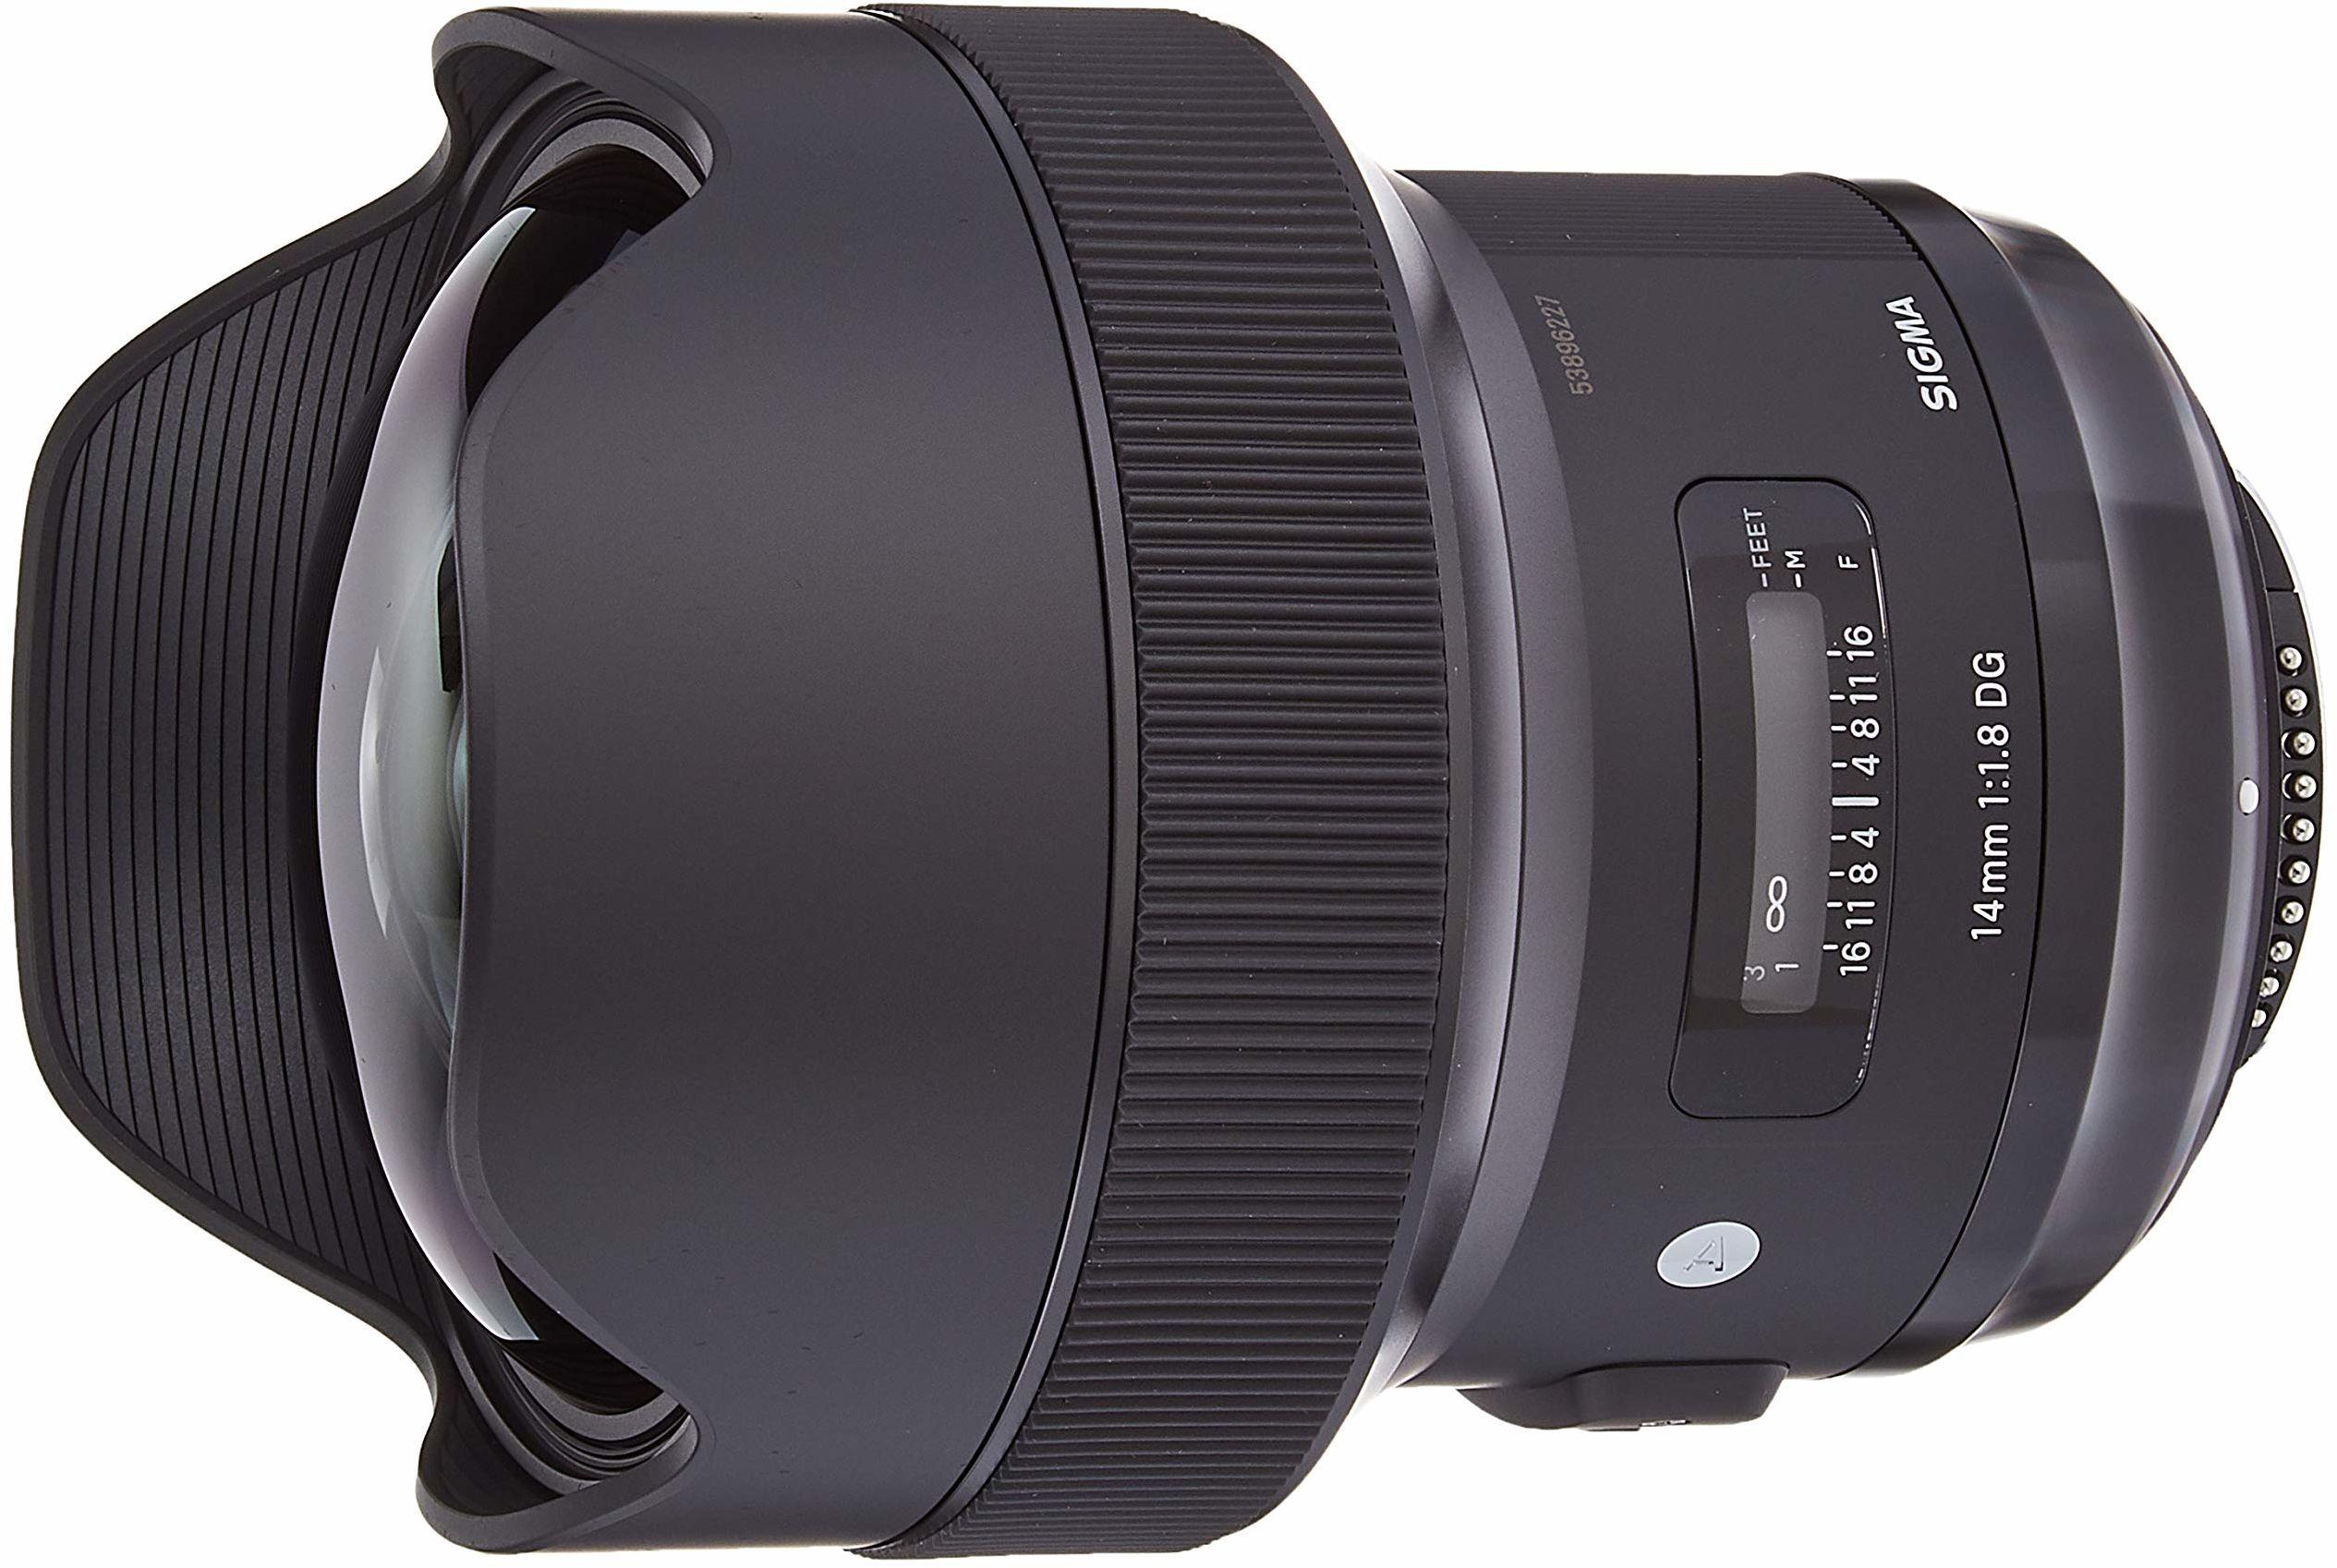 Sigma Obiektyw 14 Mm F1.8 Dg Hsm Mocowanie Nikon,450955